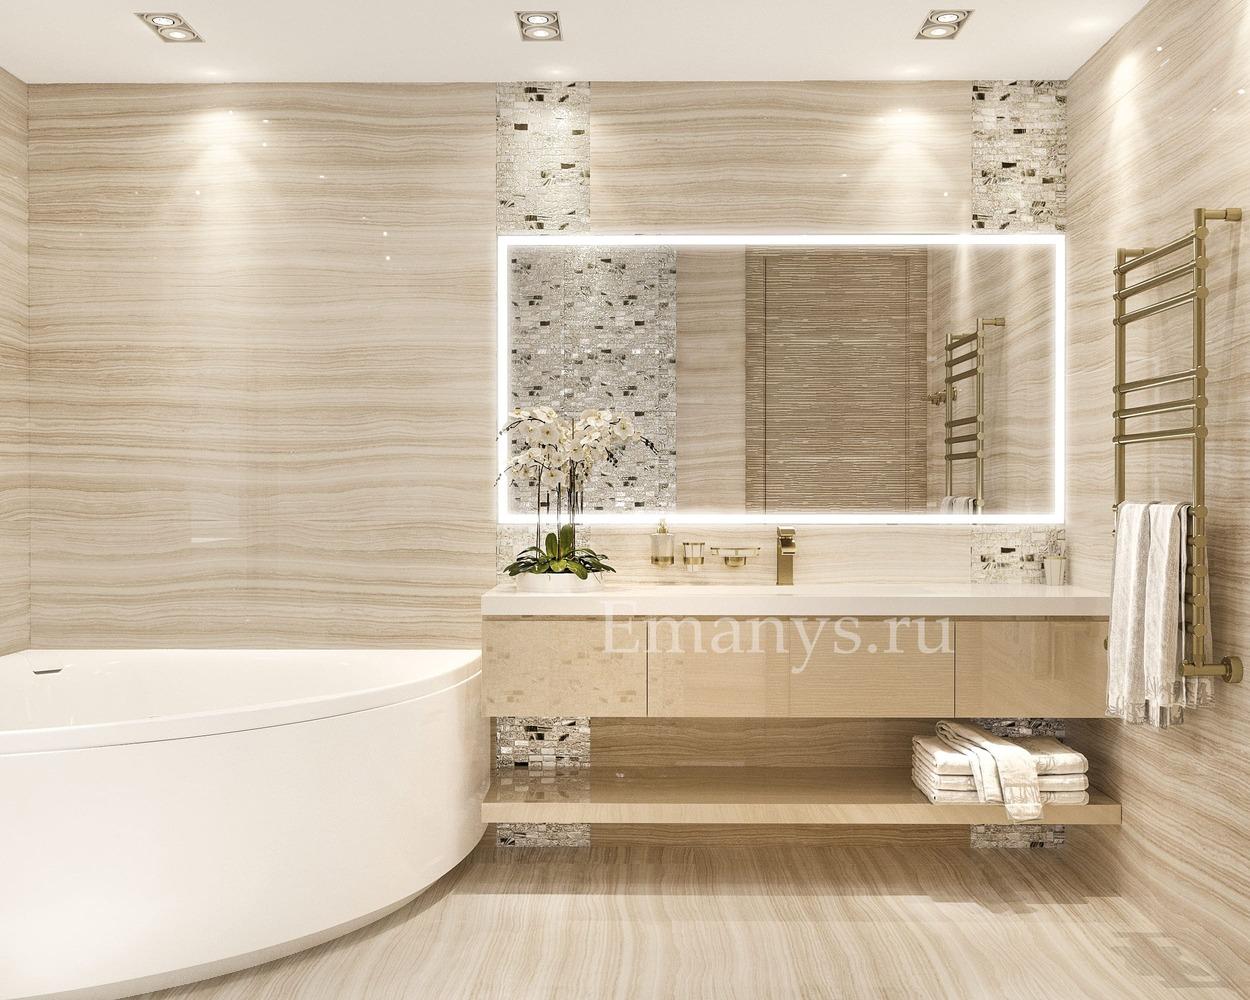 Дизайн интерьера ванная